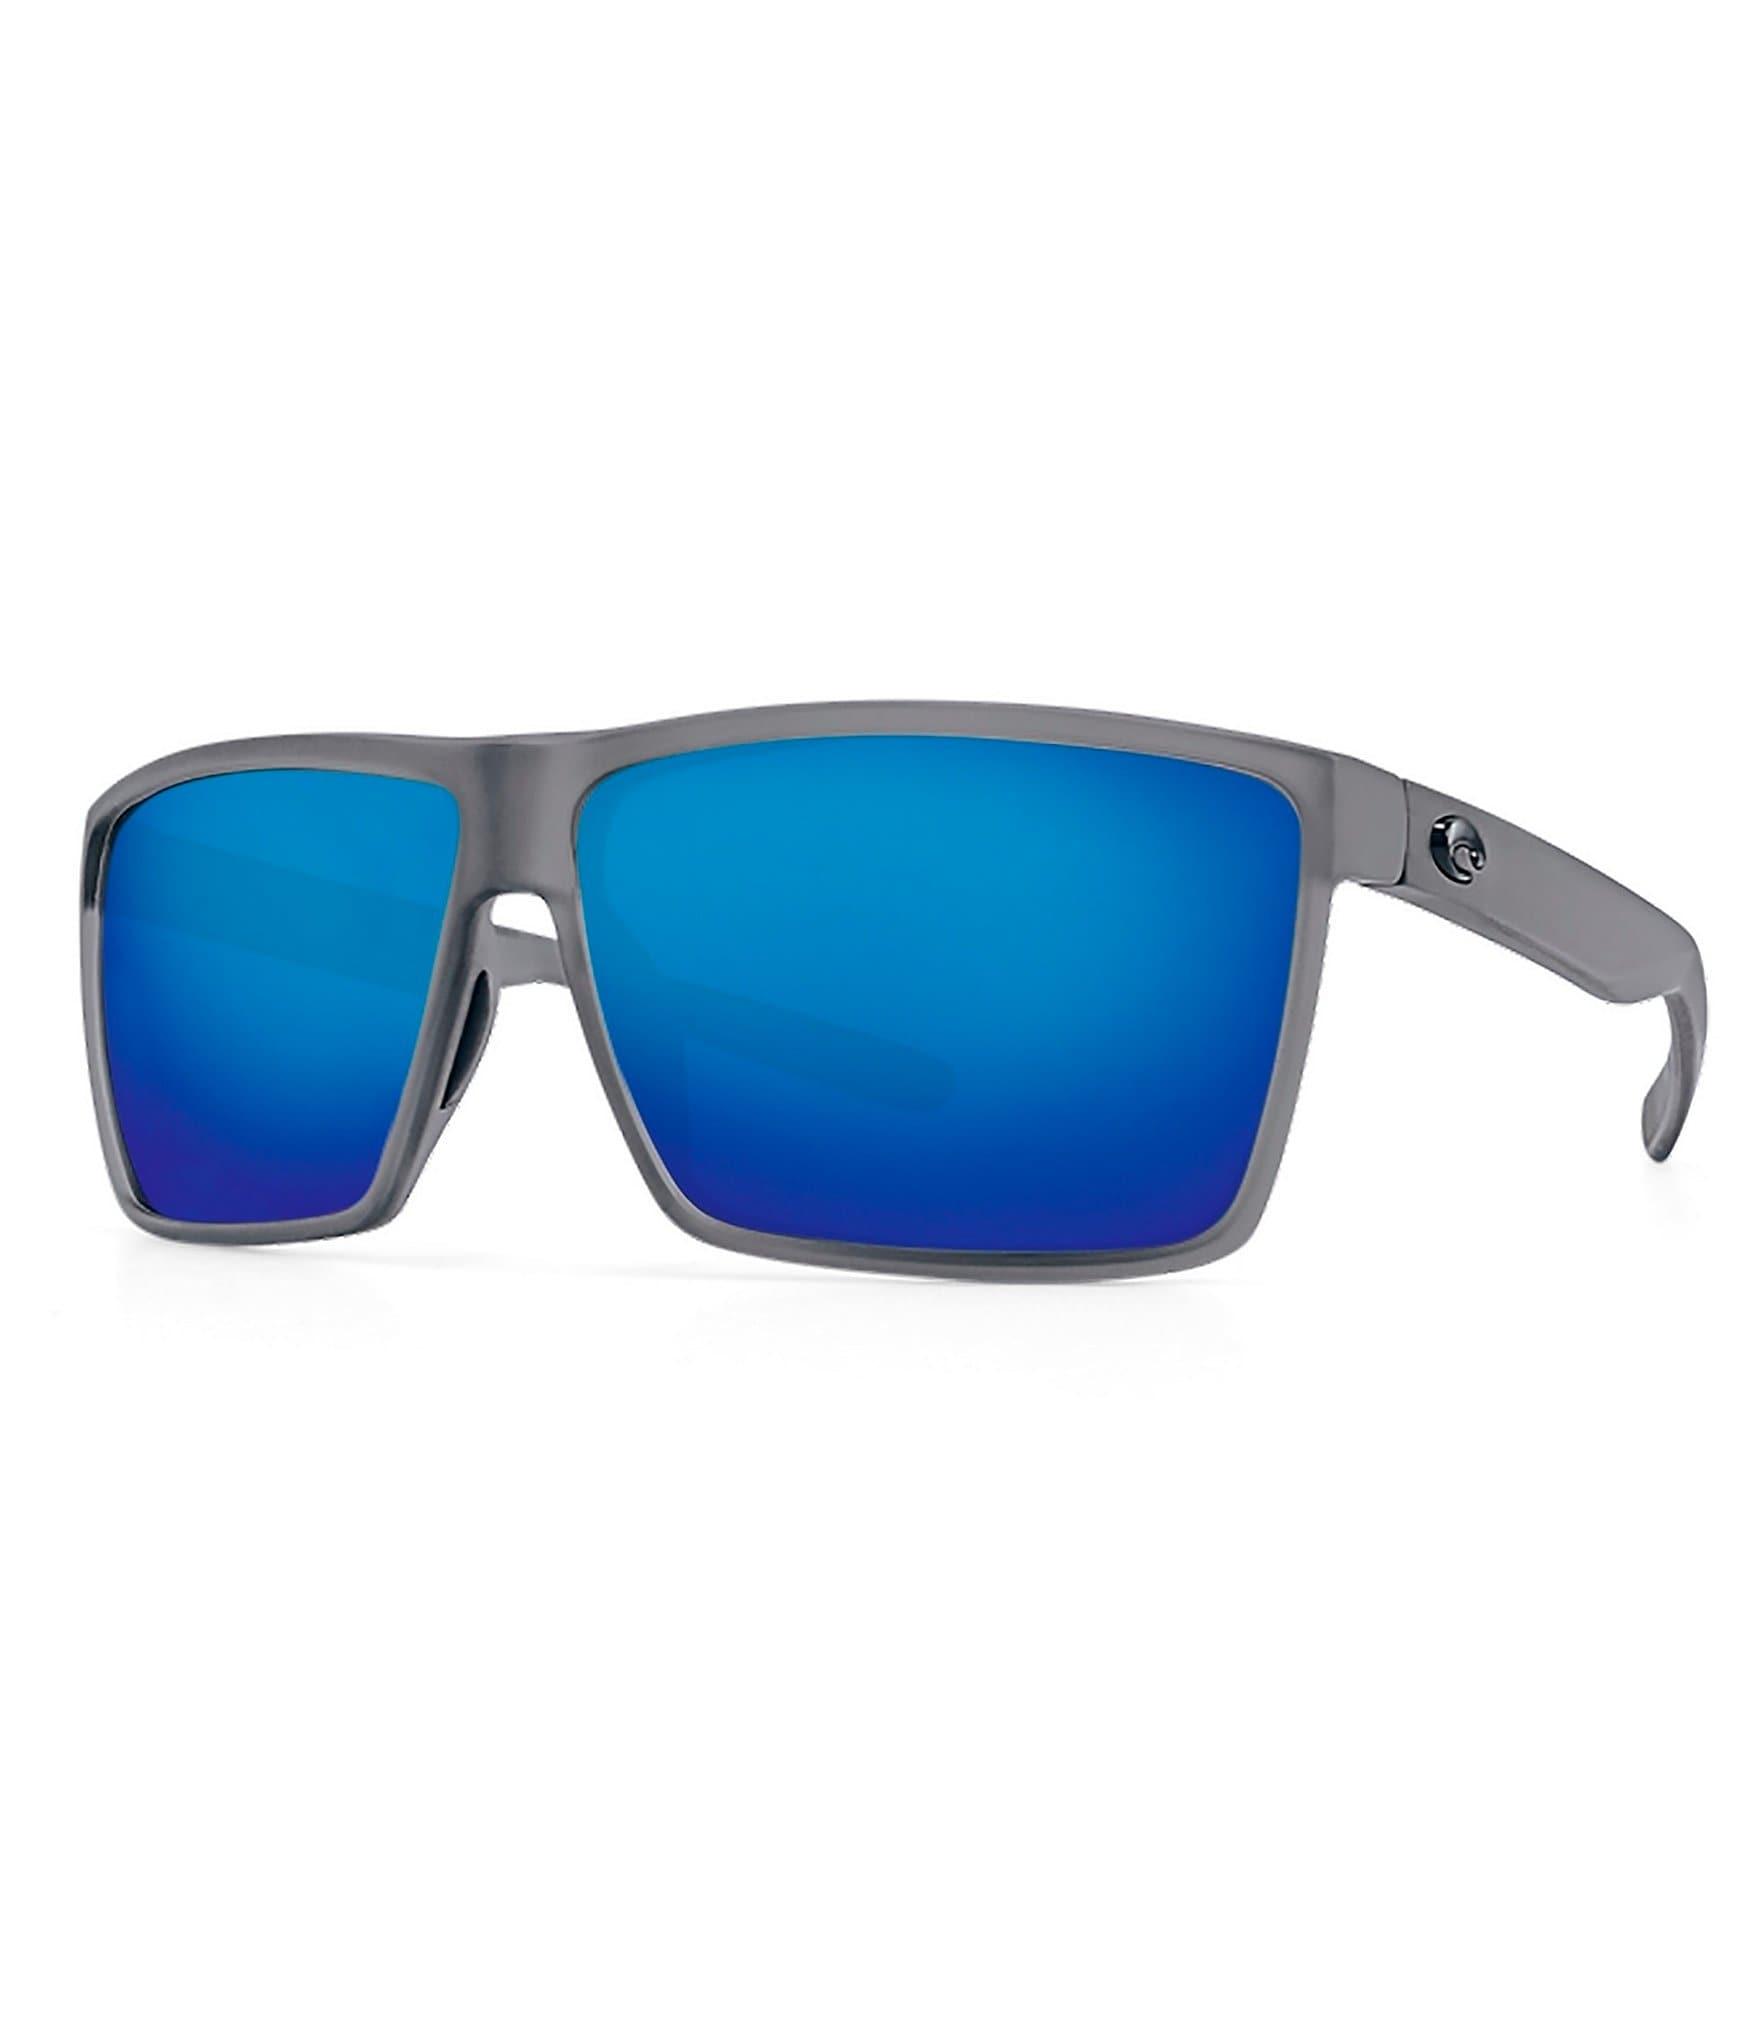 191db98961 Costa Rincon Polarized Sunglasses